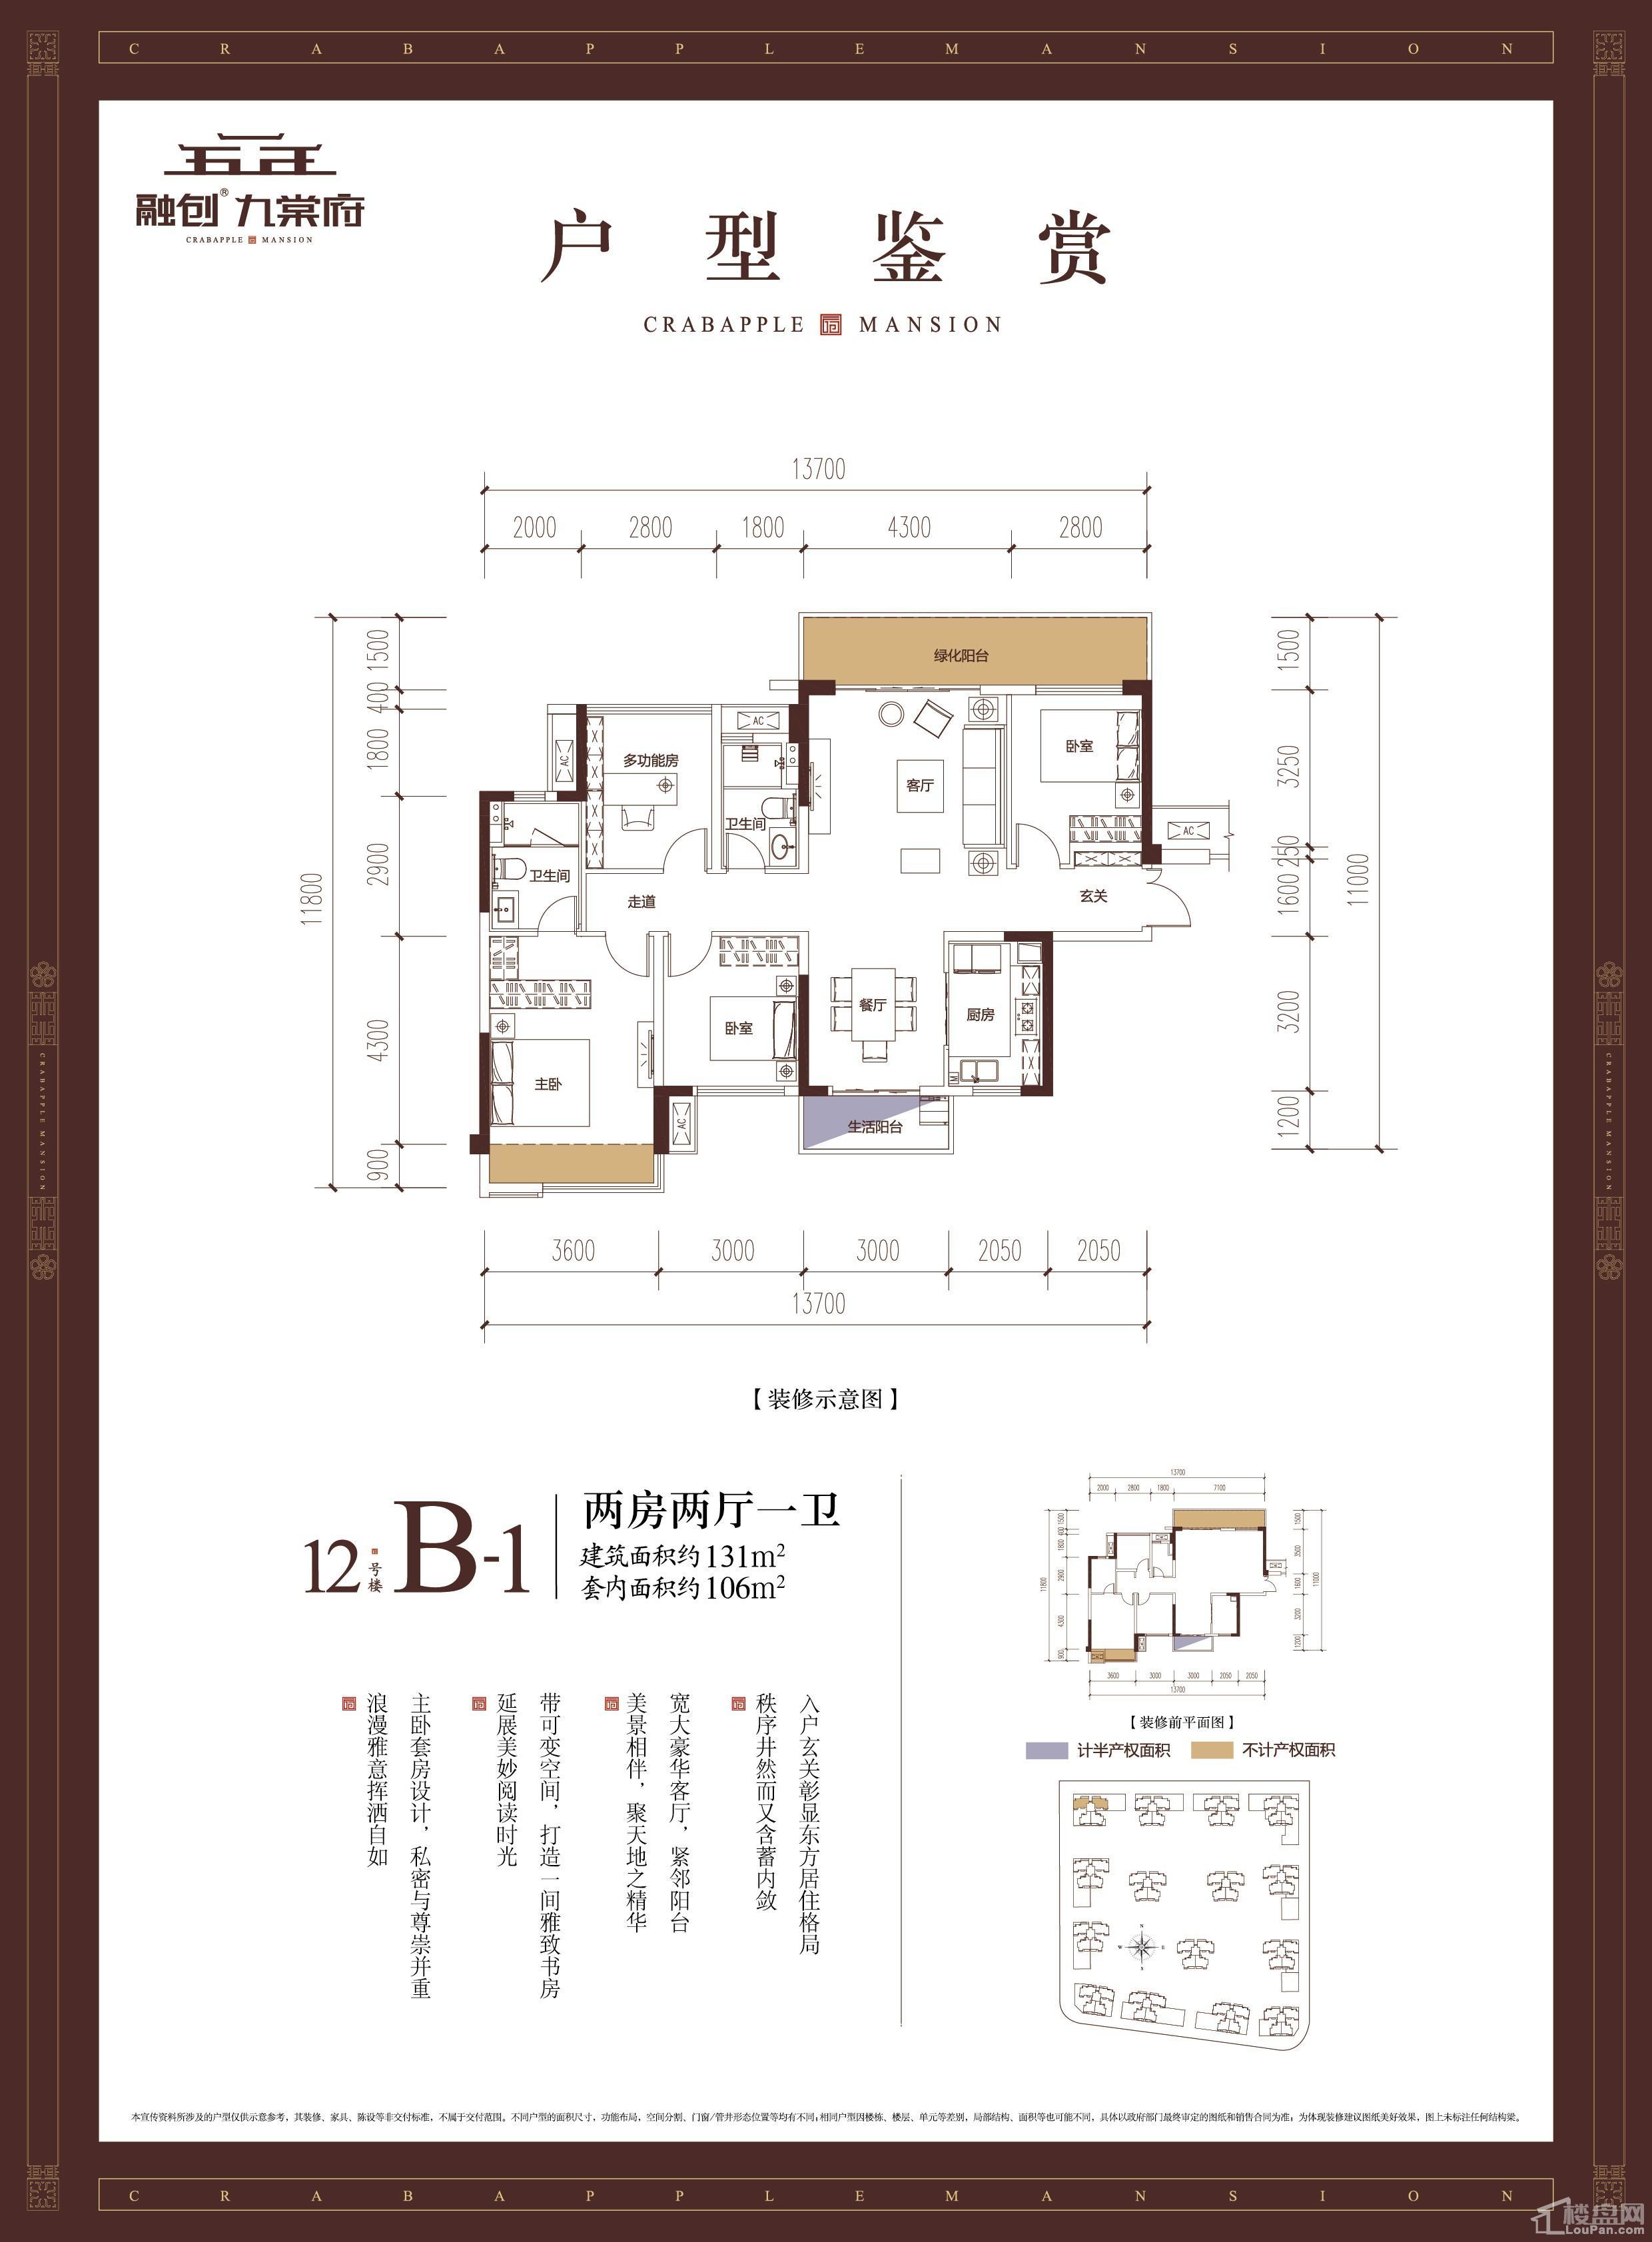 12#B-1户型